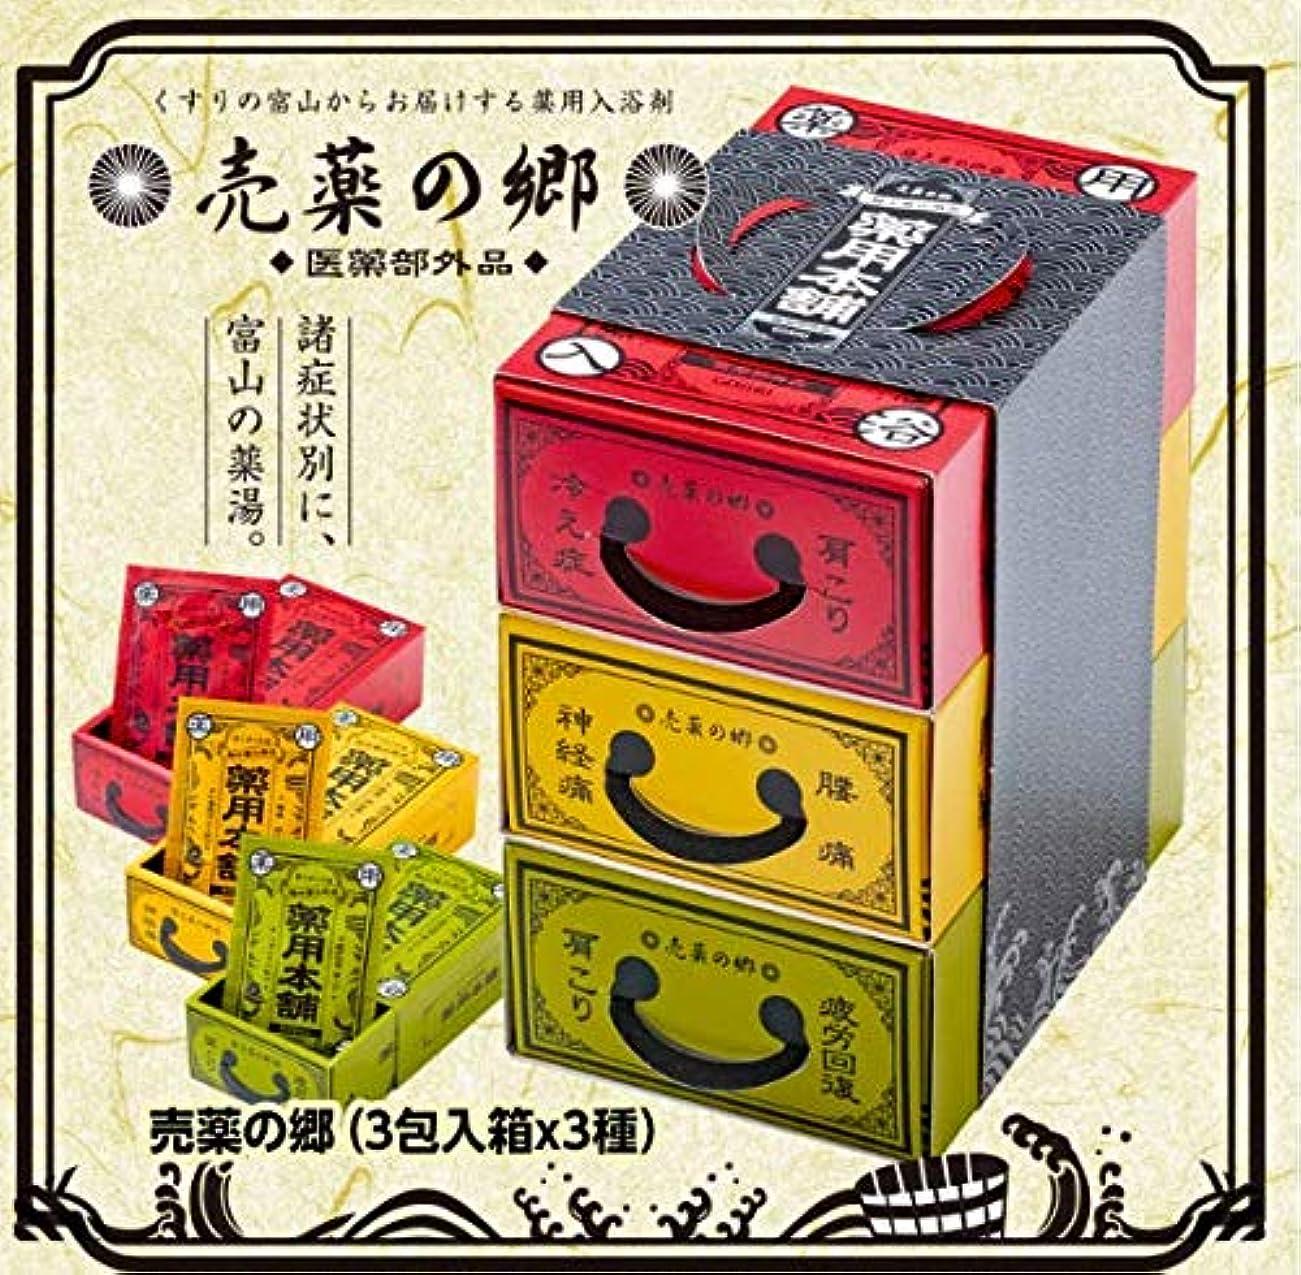 ジュニアフィードオンメイン薬の富山の薬用入浴剤 売薬の郷 薬用本舗3箱セット 10セット